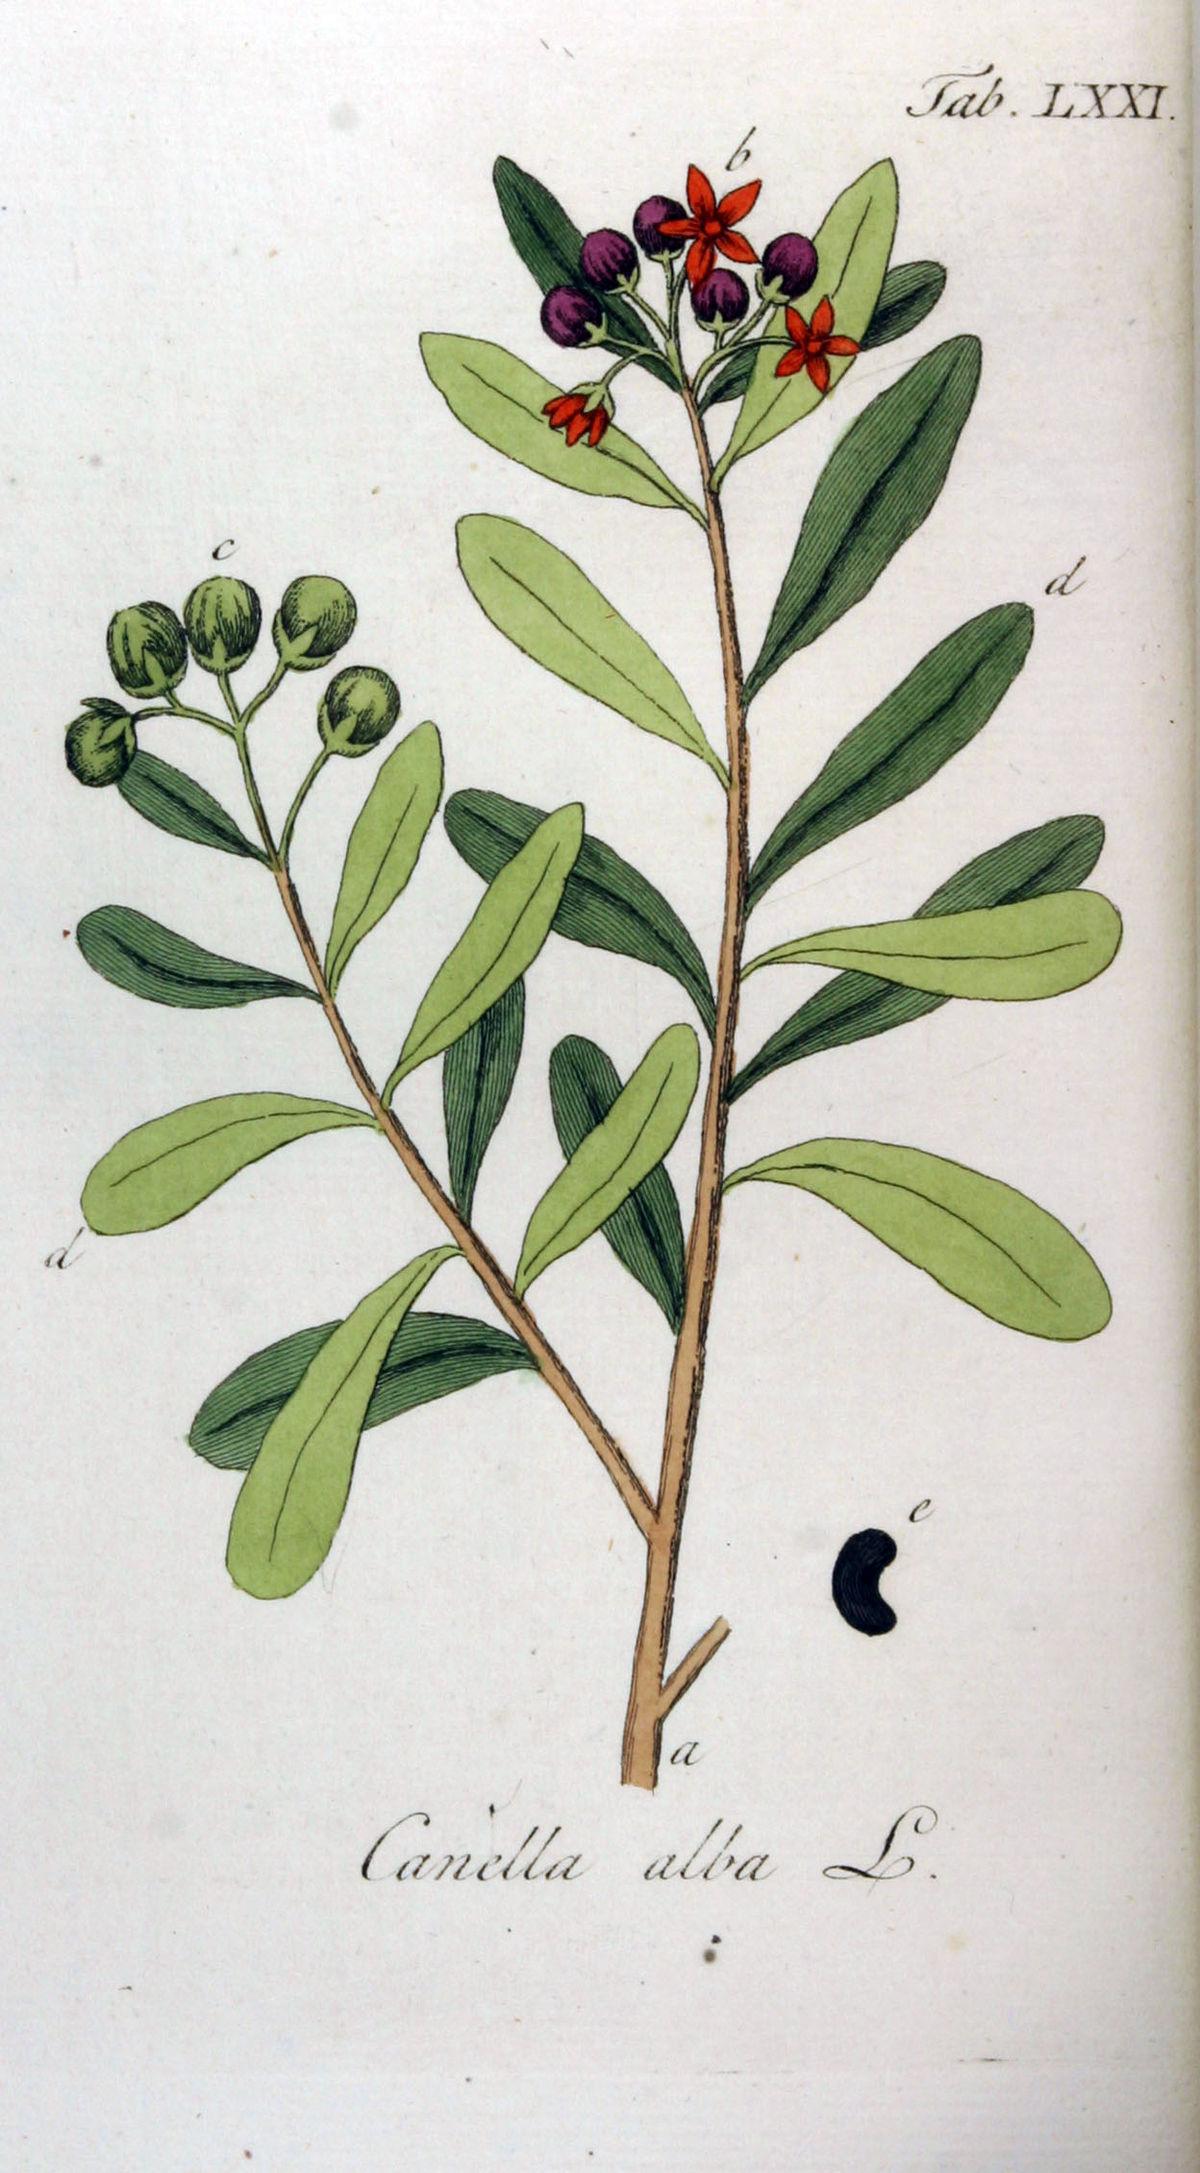 canellaceae